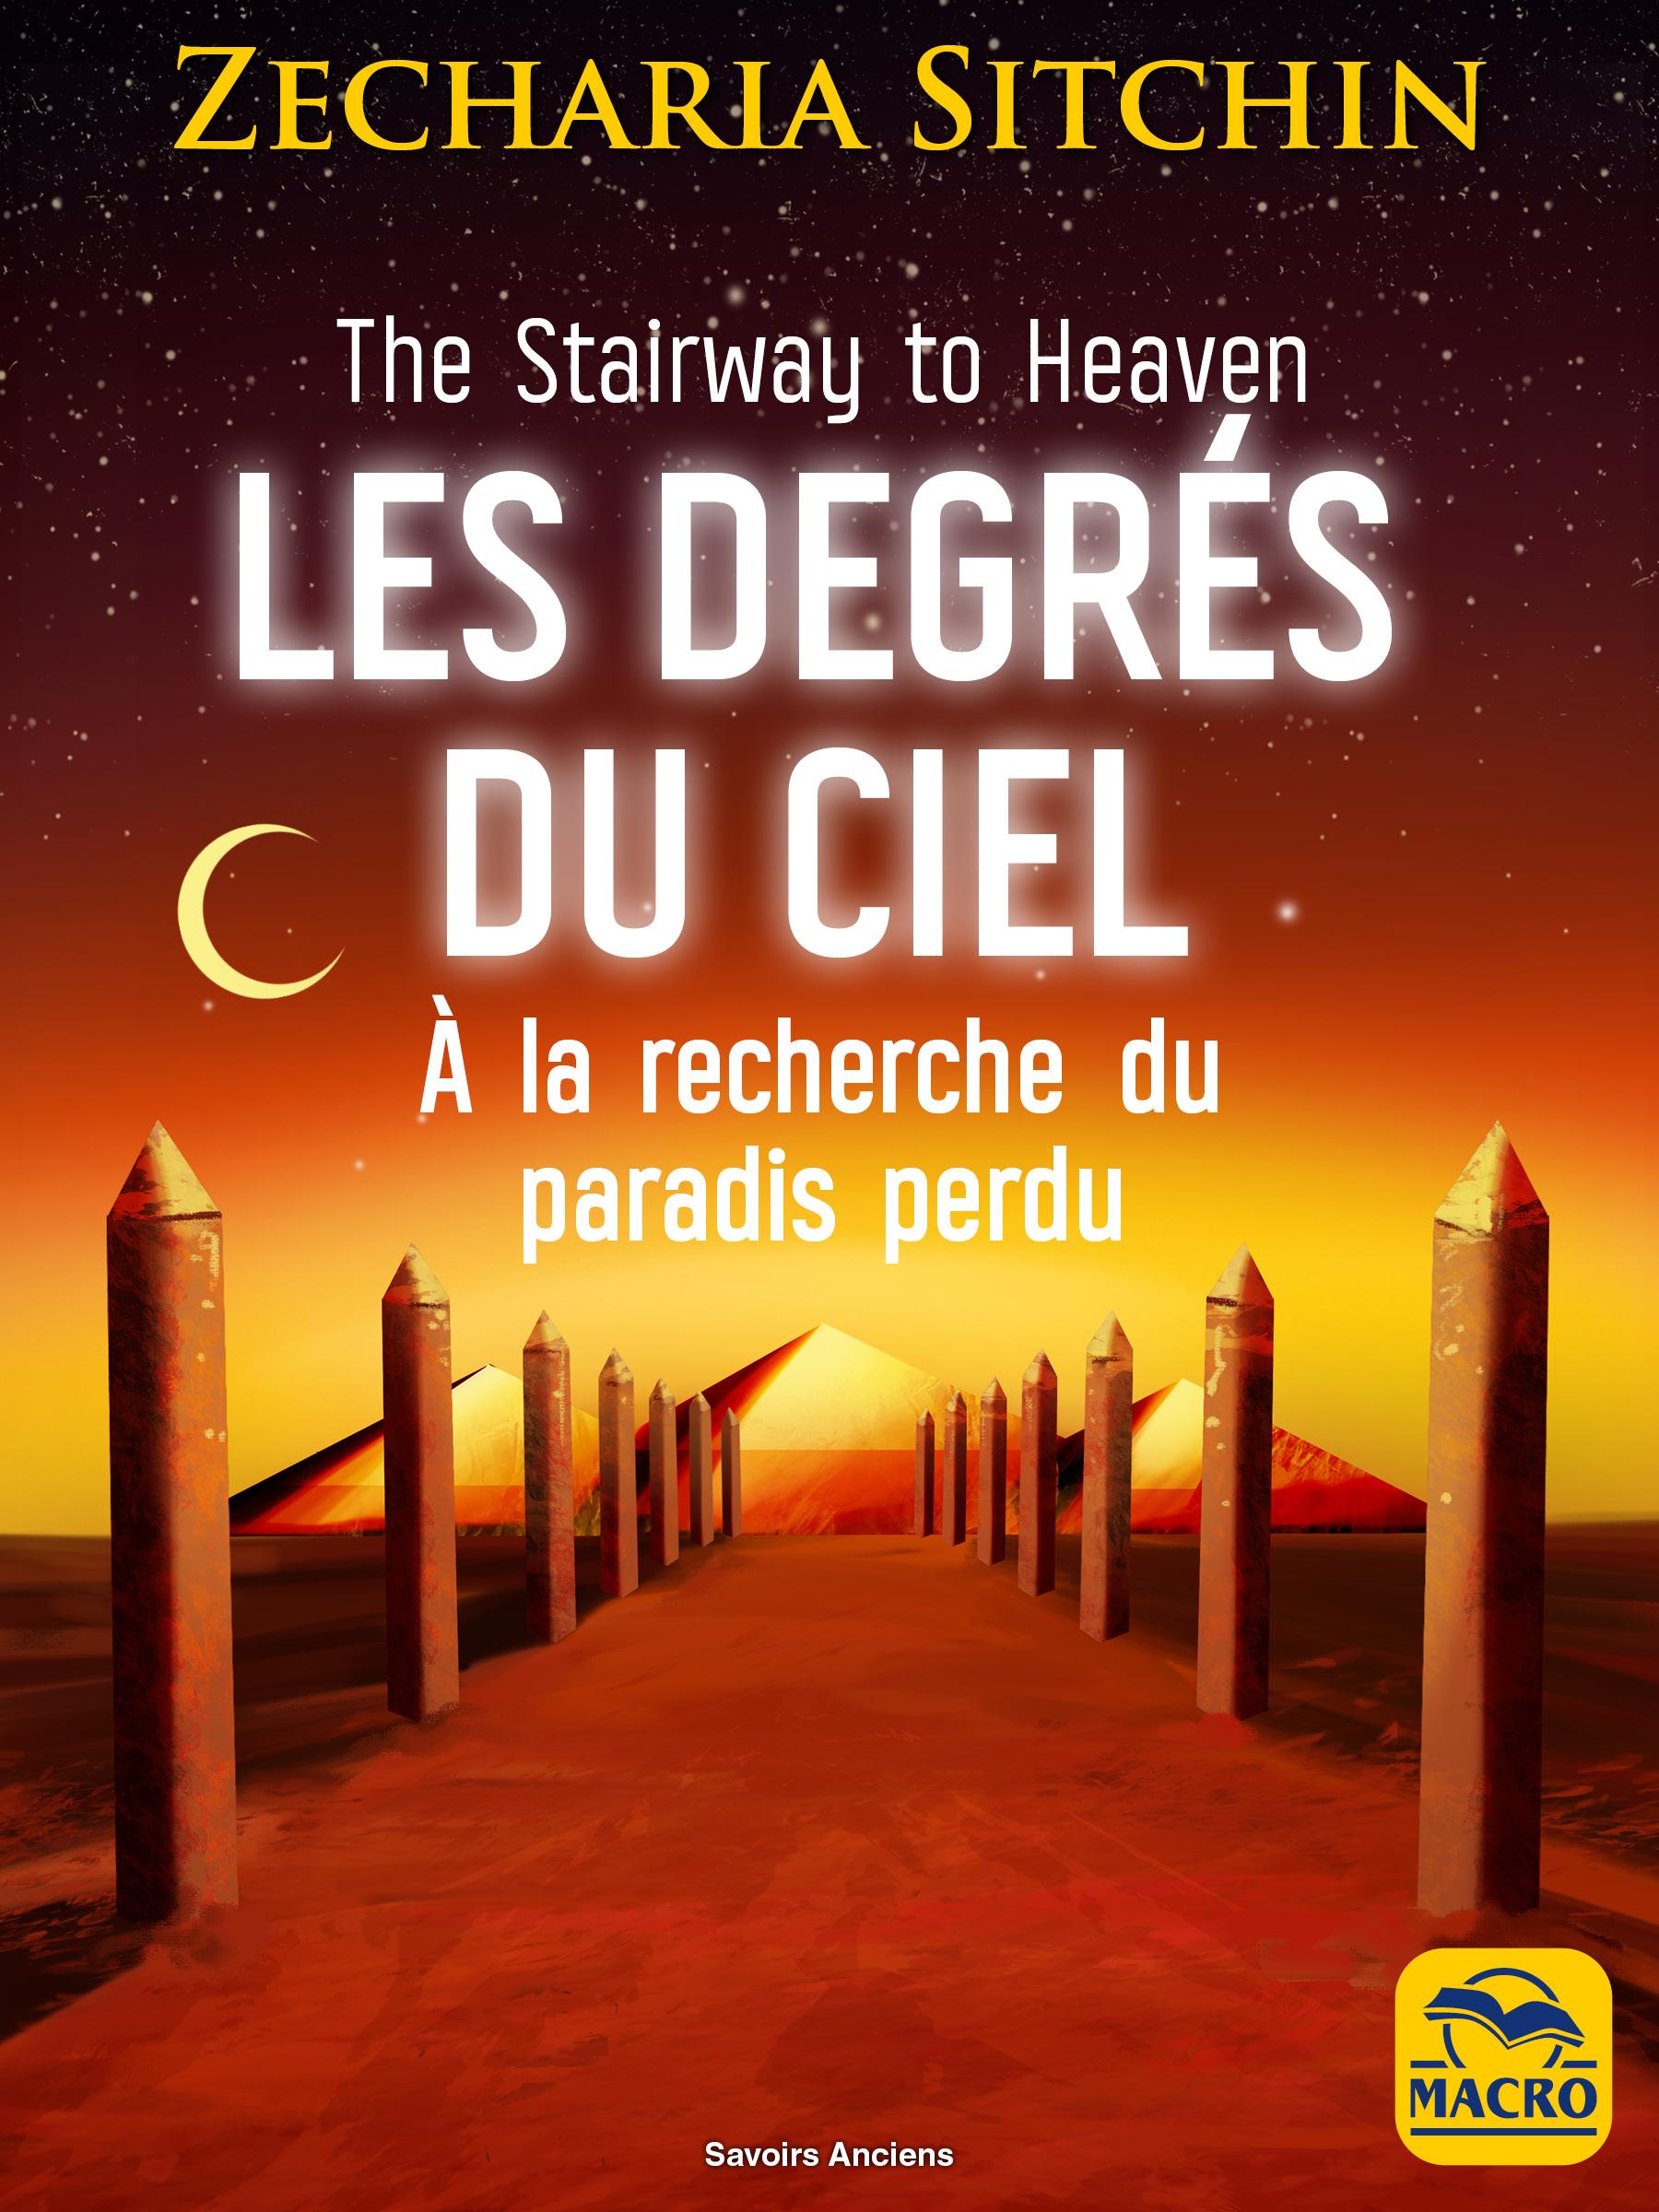 Vignette du livre Chroniques terriennes T.2 : Les degrés du ciel - Zecharia Sitchin